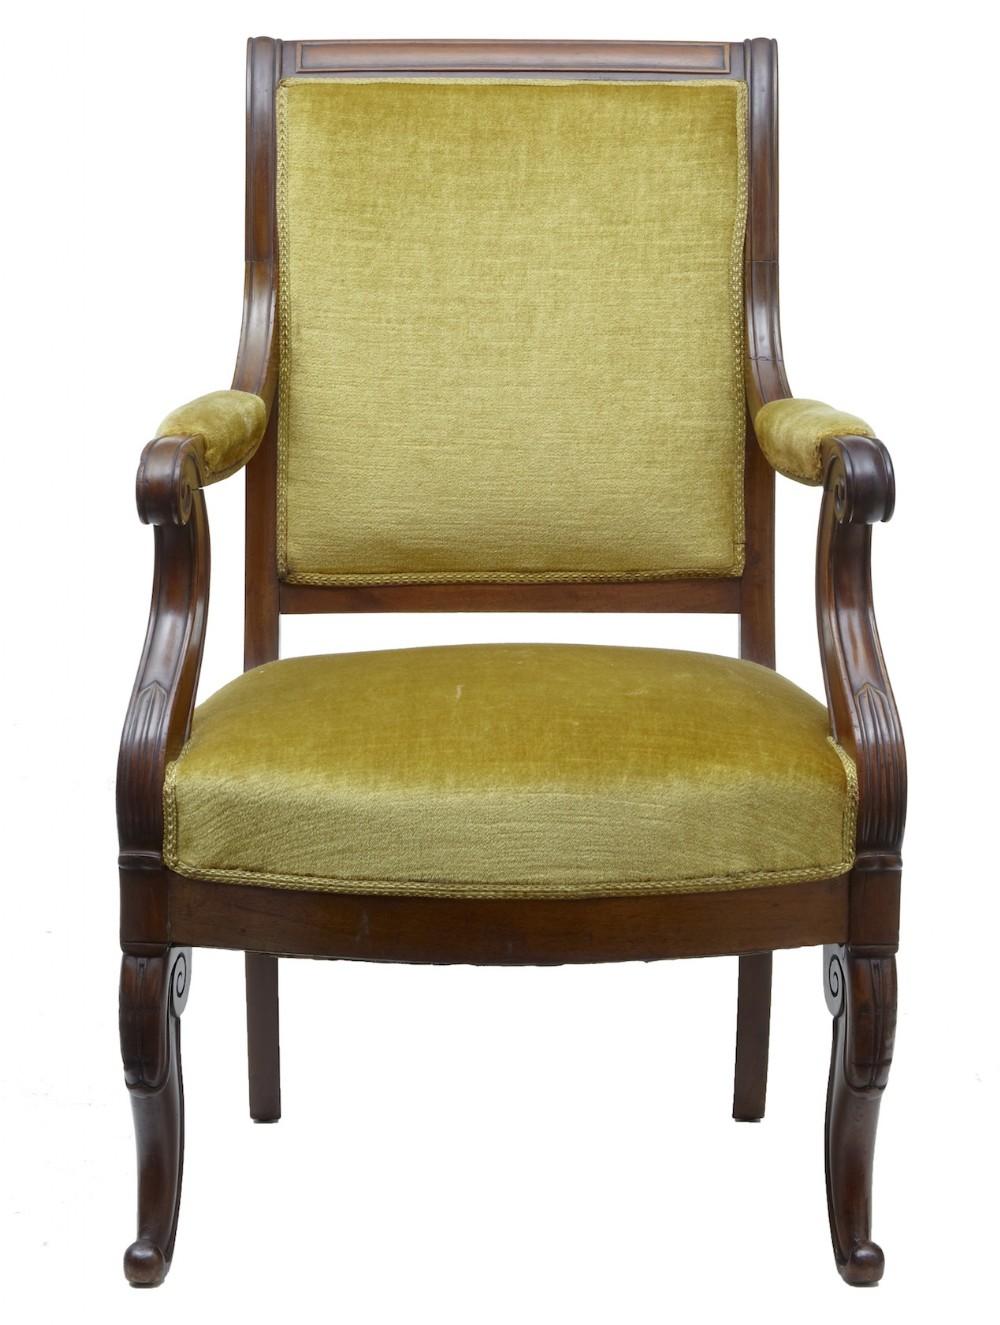 19th century french mahogany armchair